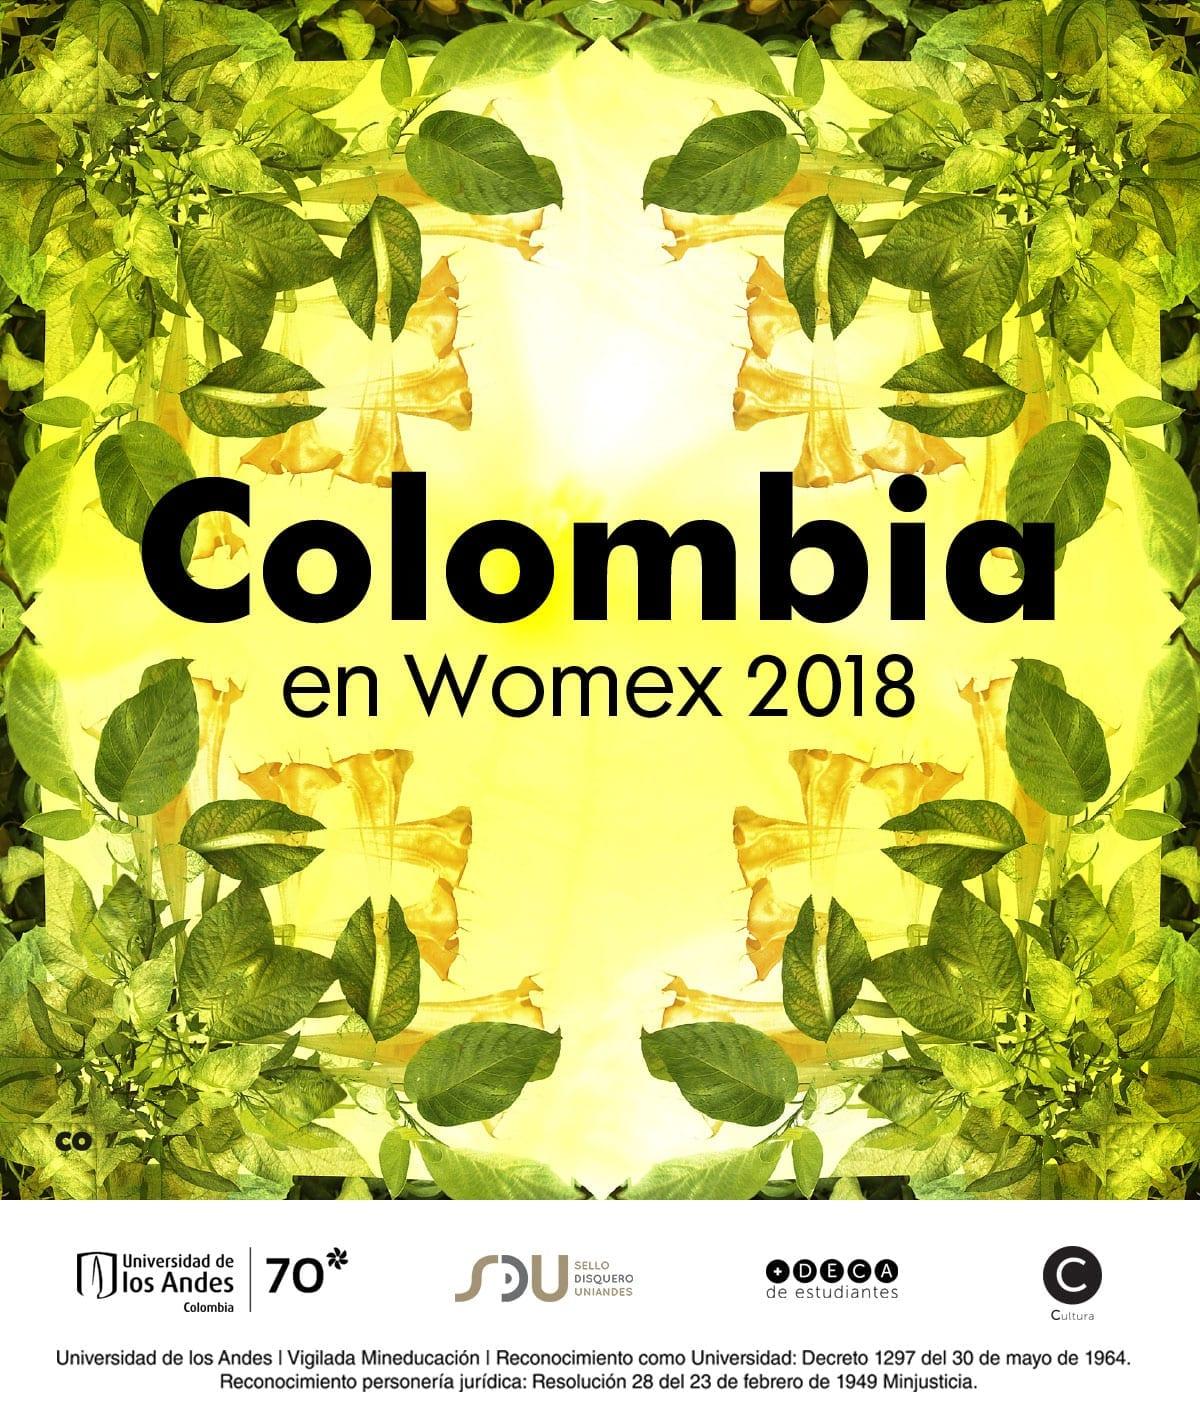 Sello Disquero Uniandes hará parte de la representación de Colombia en Womex